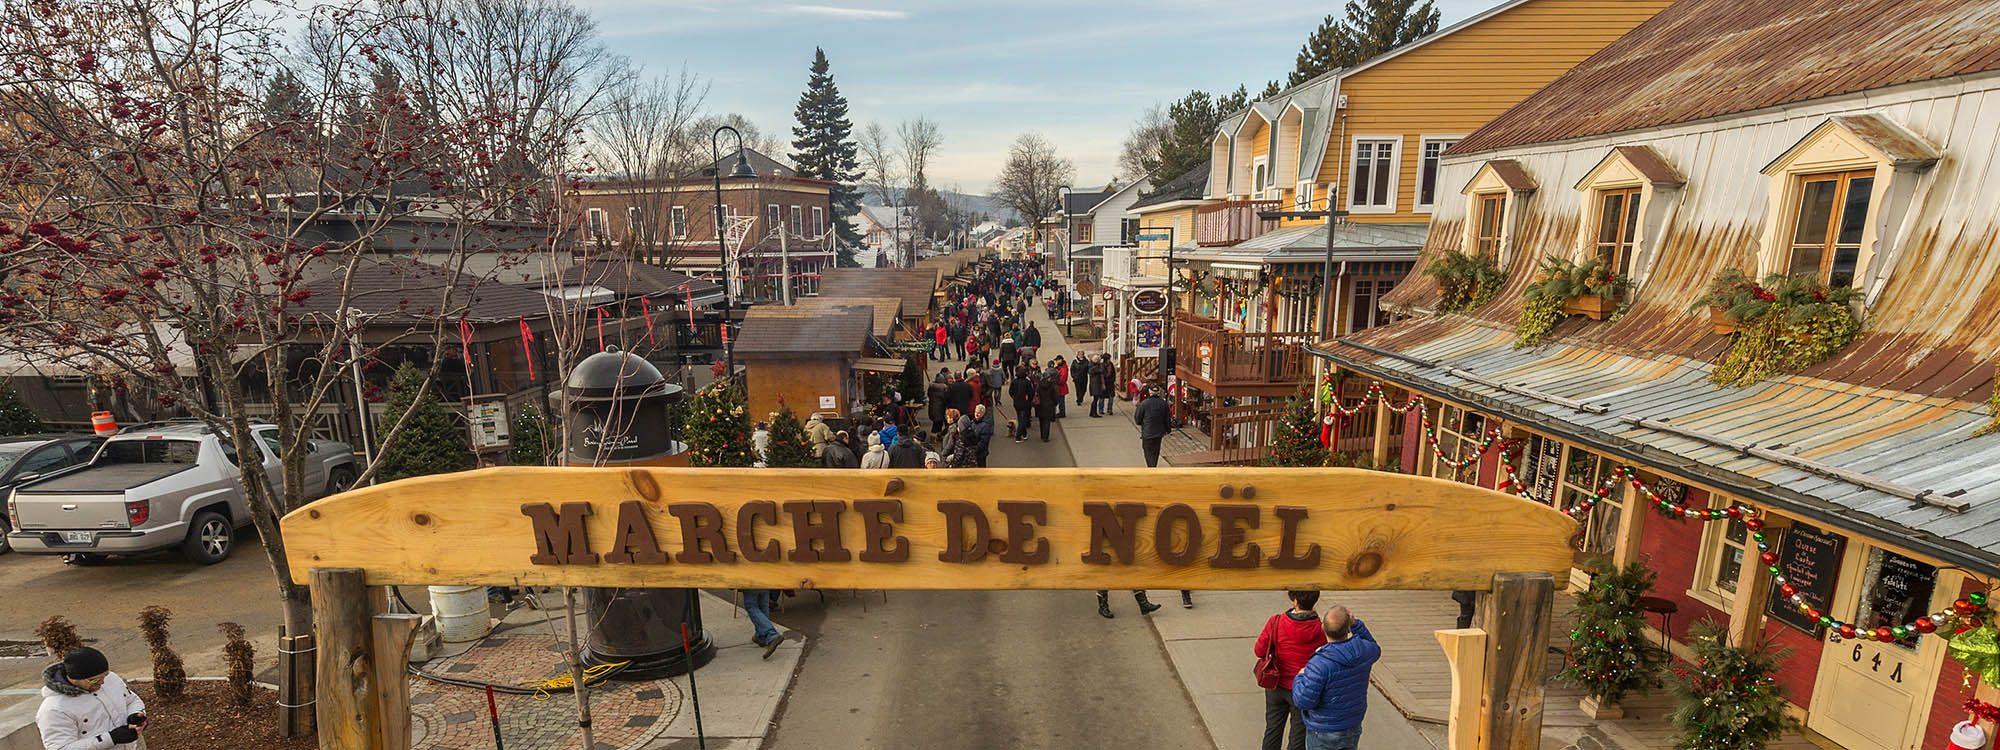 Marchés de Noël à visiter : marché de Joliette.